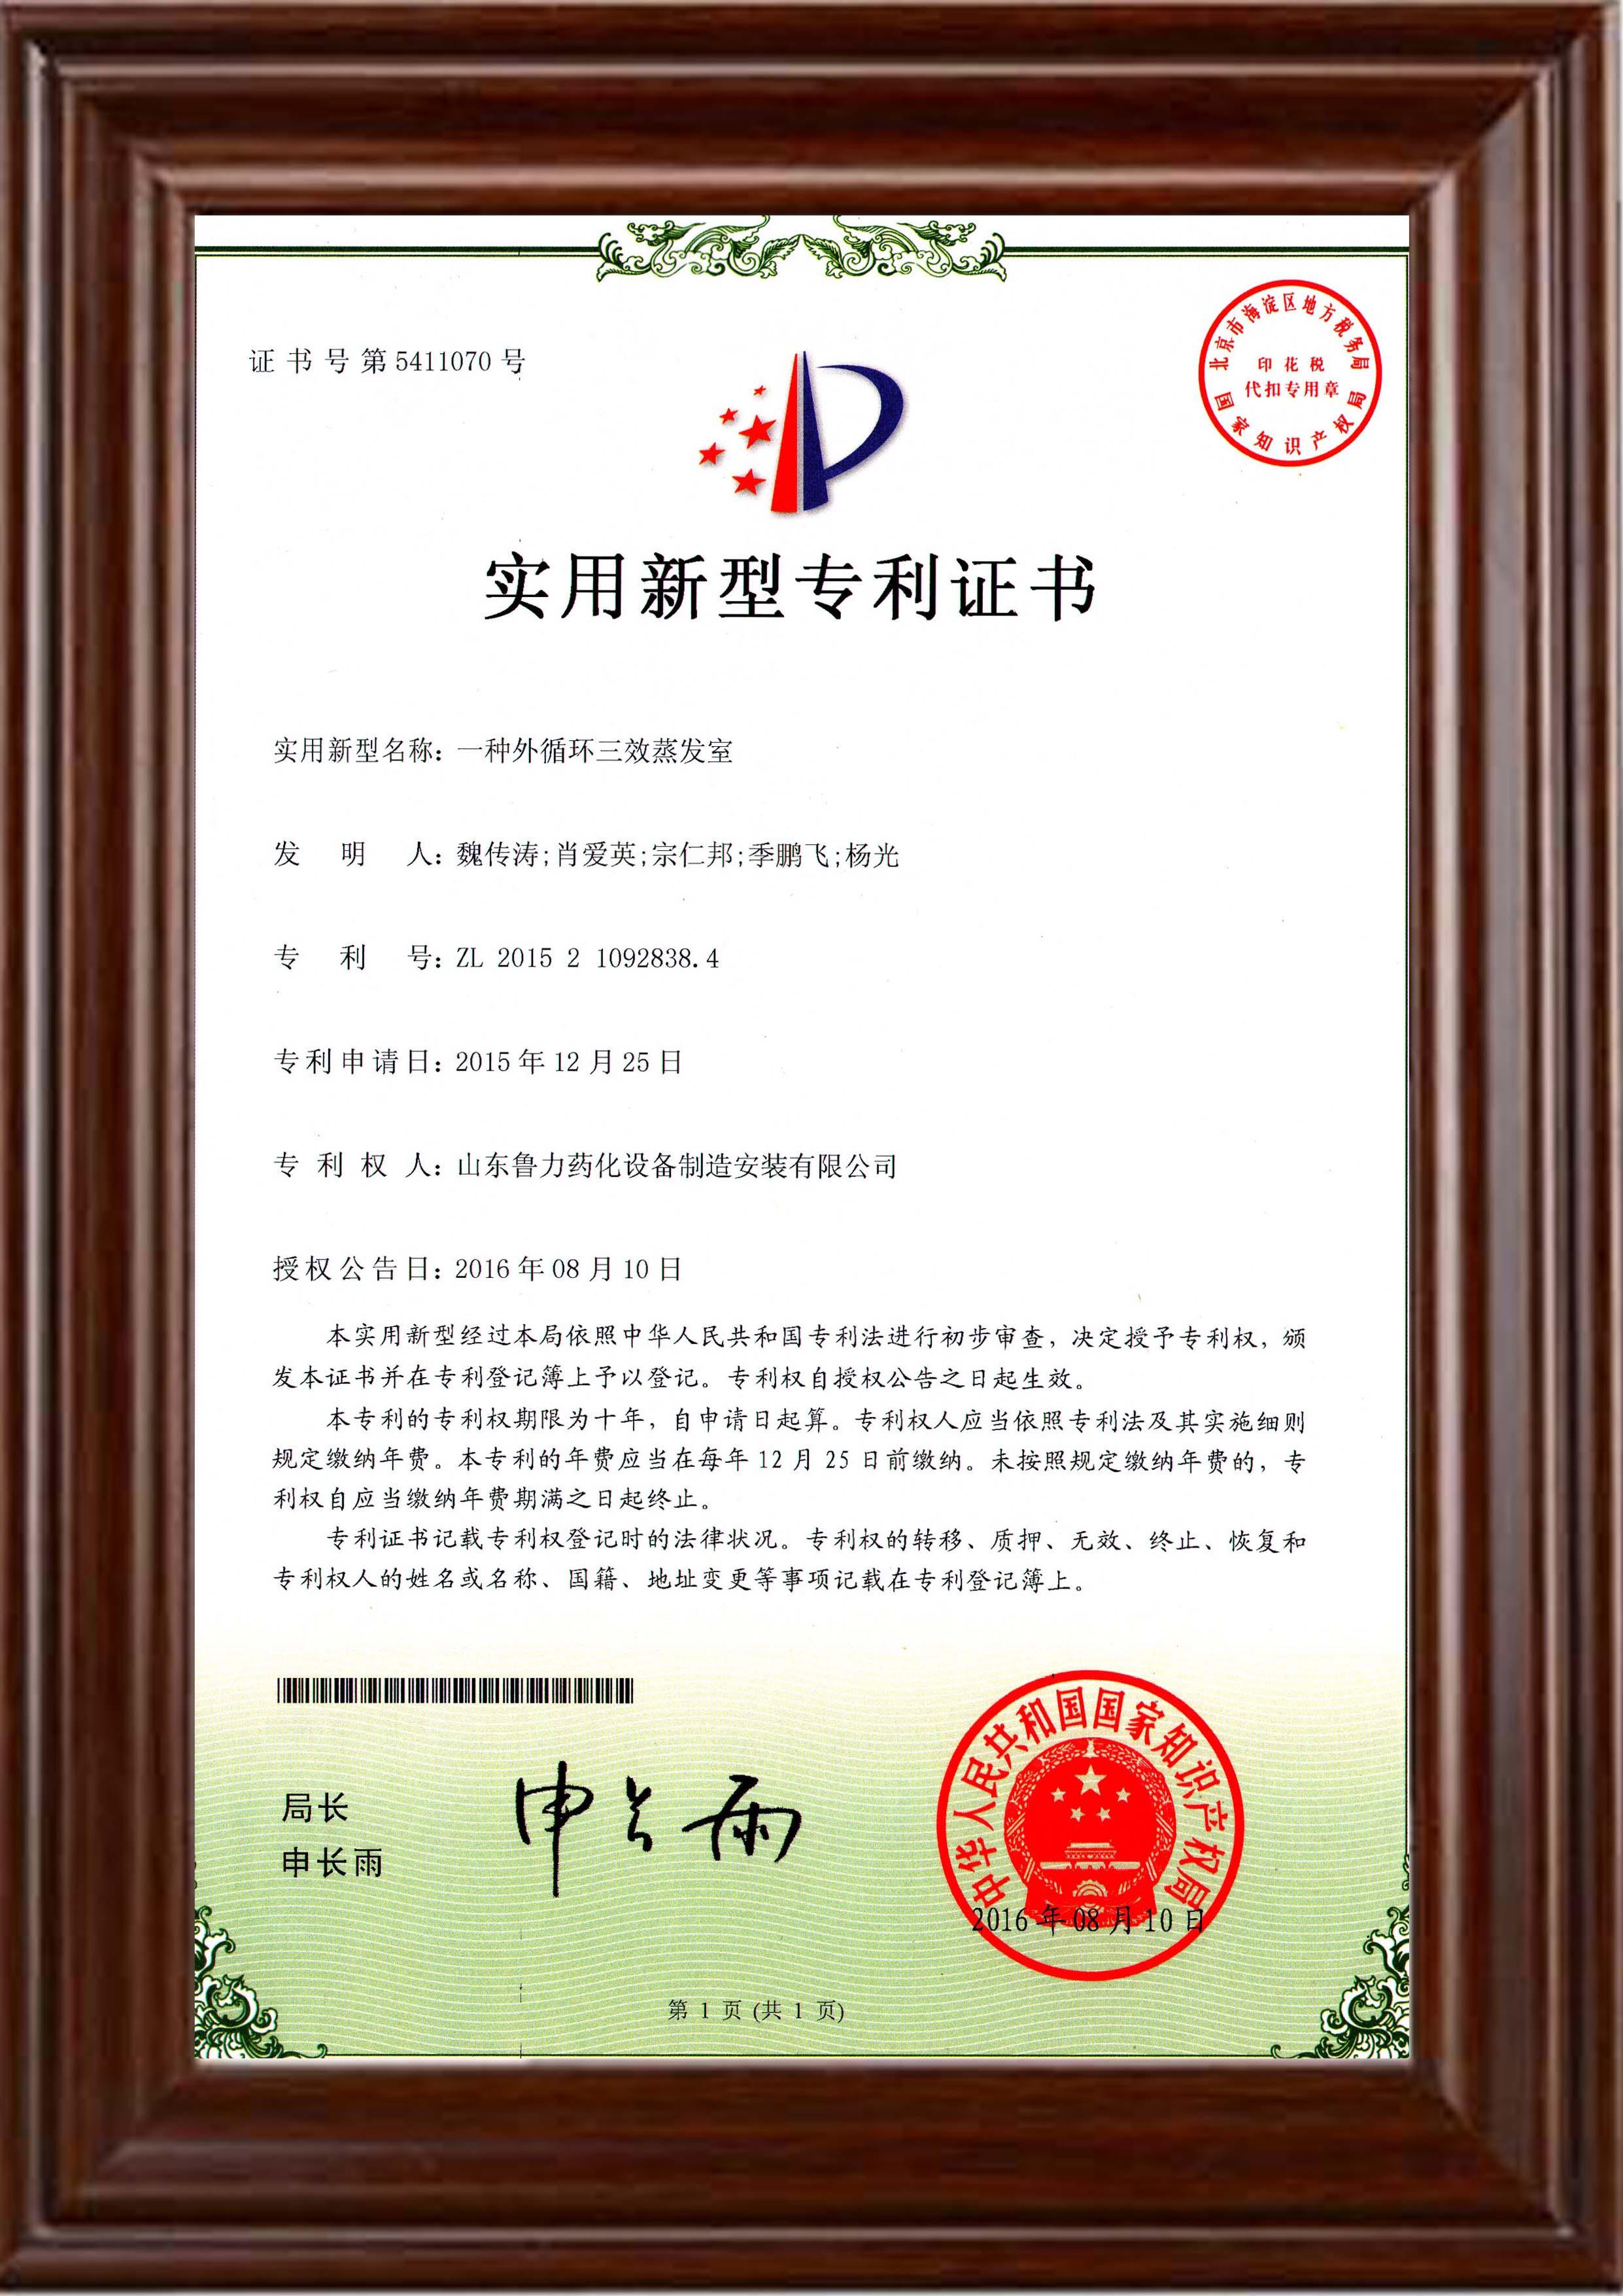 三效蒸发器专利认证